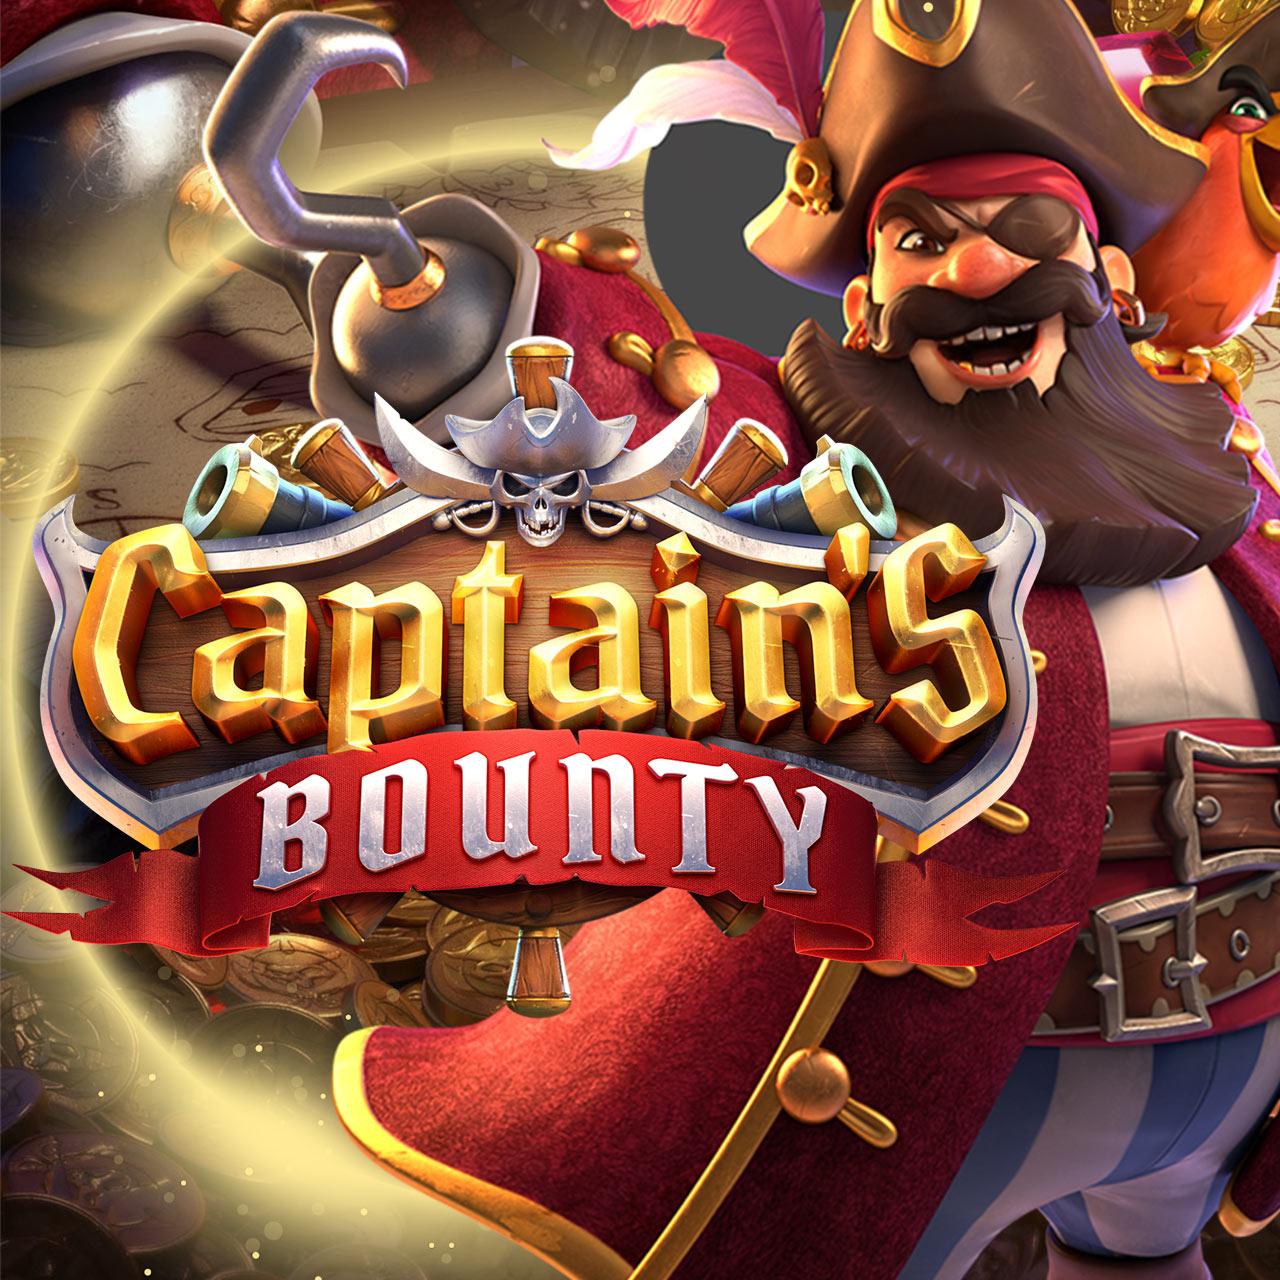 แนะนำ Captain's-Bounty เกมล่าค่าหัวของกัปตันโจรสลัดสโบเบท